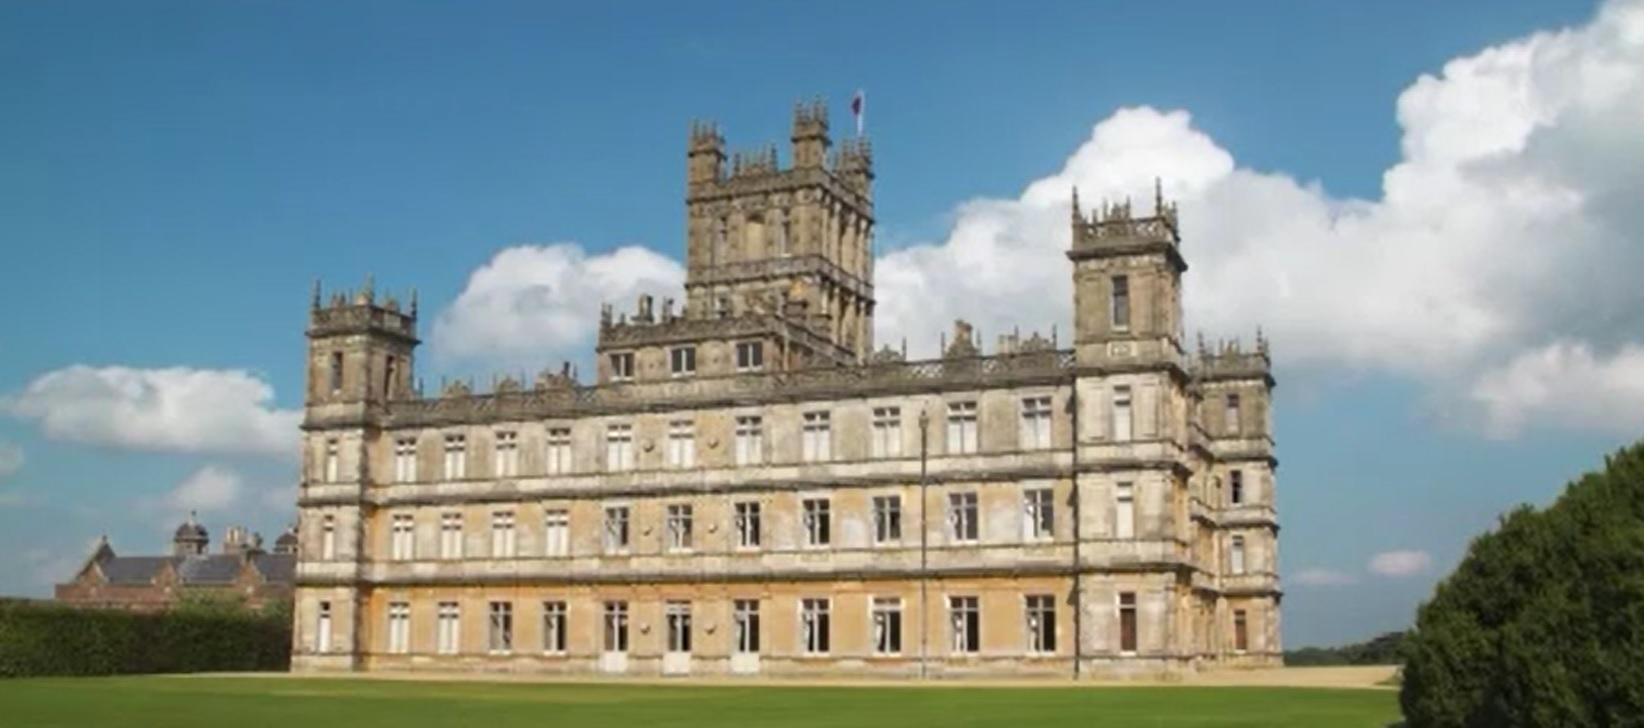 Nobilii din Regatul Unit, care au moșii sau castele impresionante, au sărăcit în timpul lockdownului